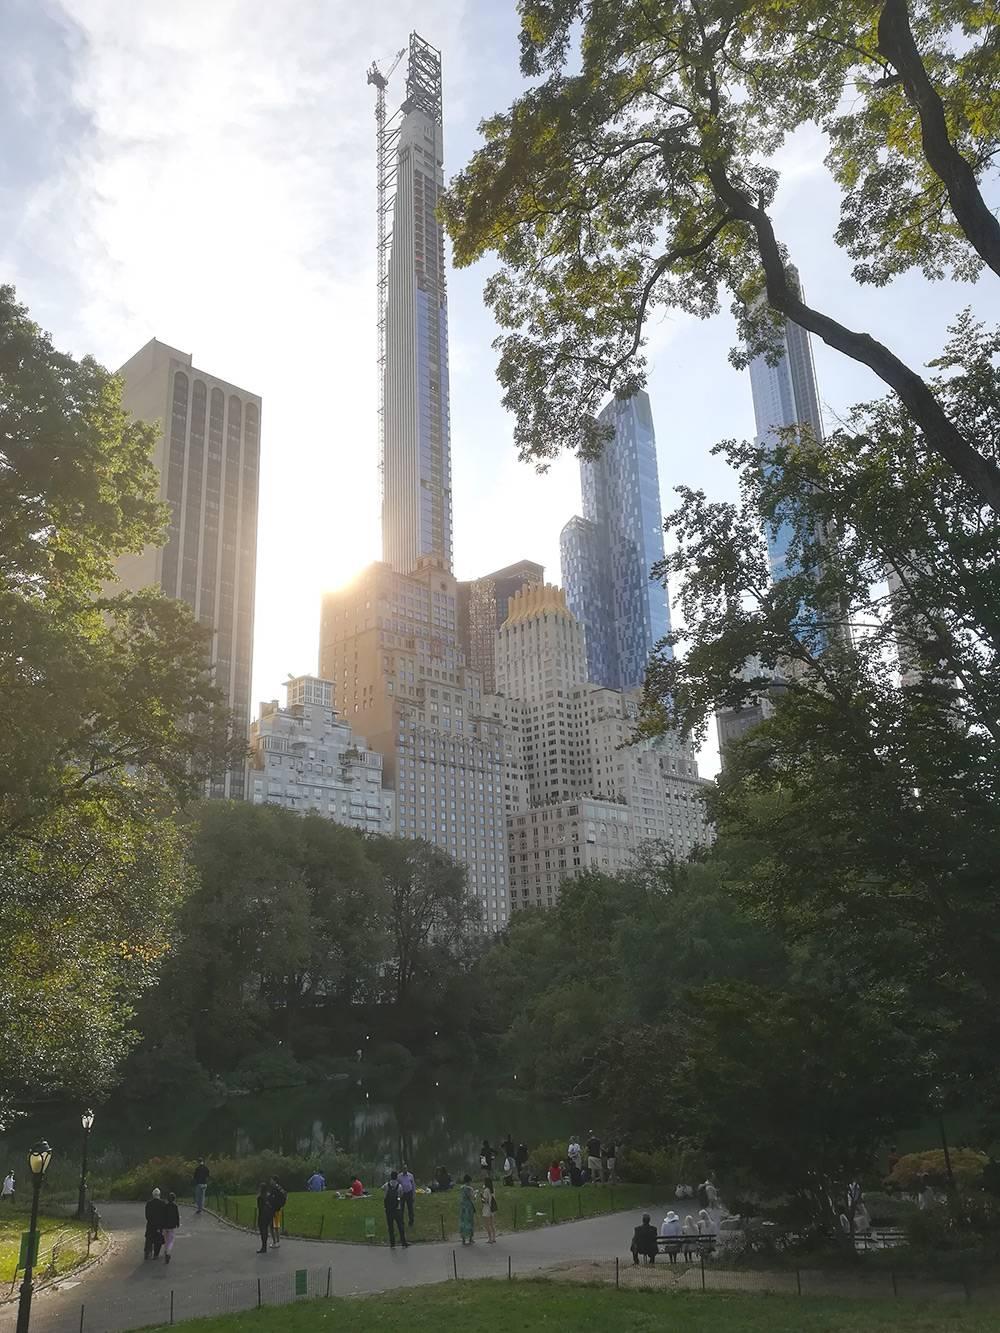 Манхэттен растет не вширь, а ввысь. Говорят, девелоперы покупают право на воздух надзданием, чтобы строить небоскребы